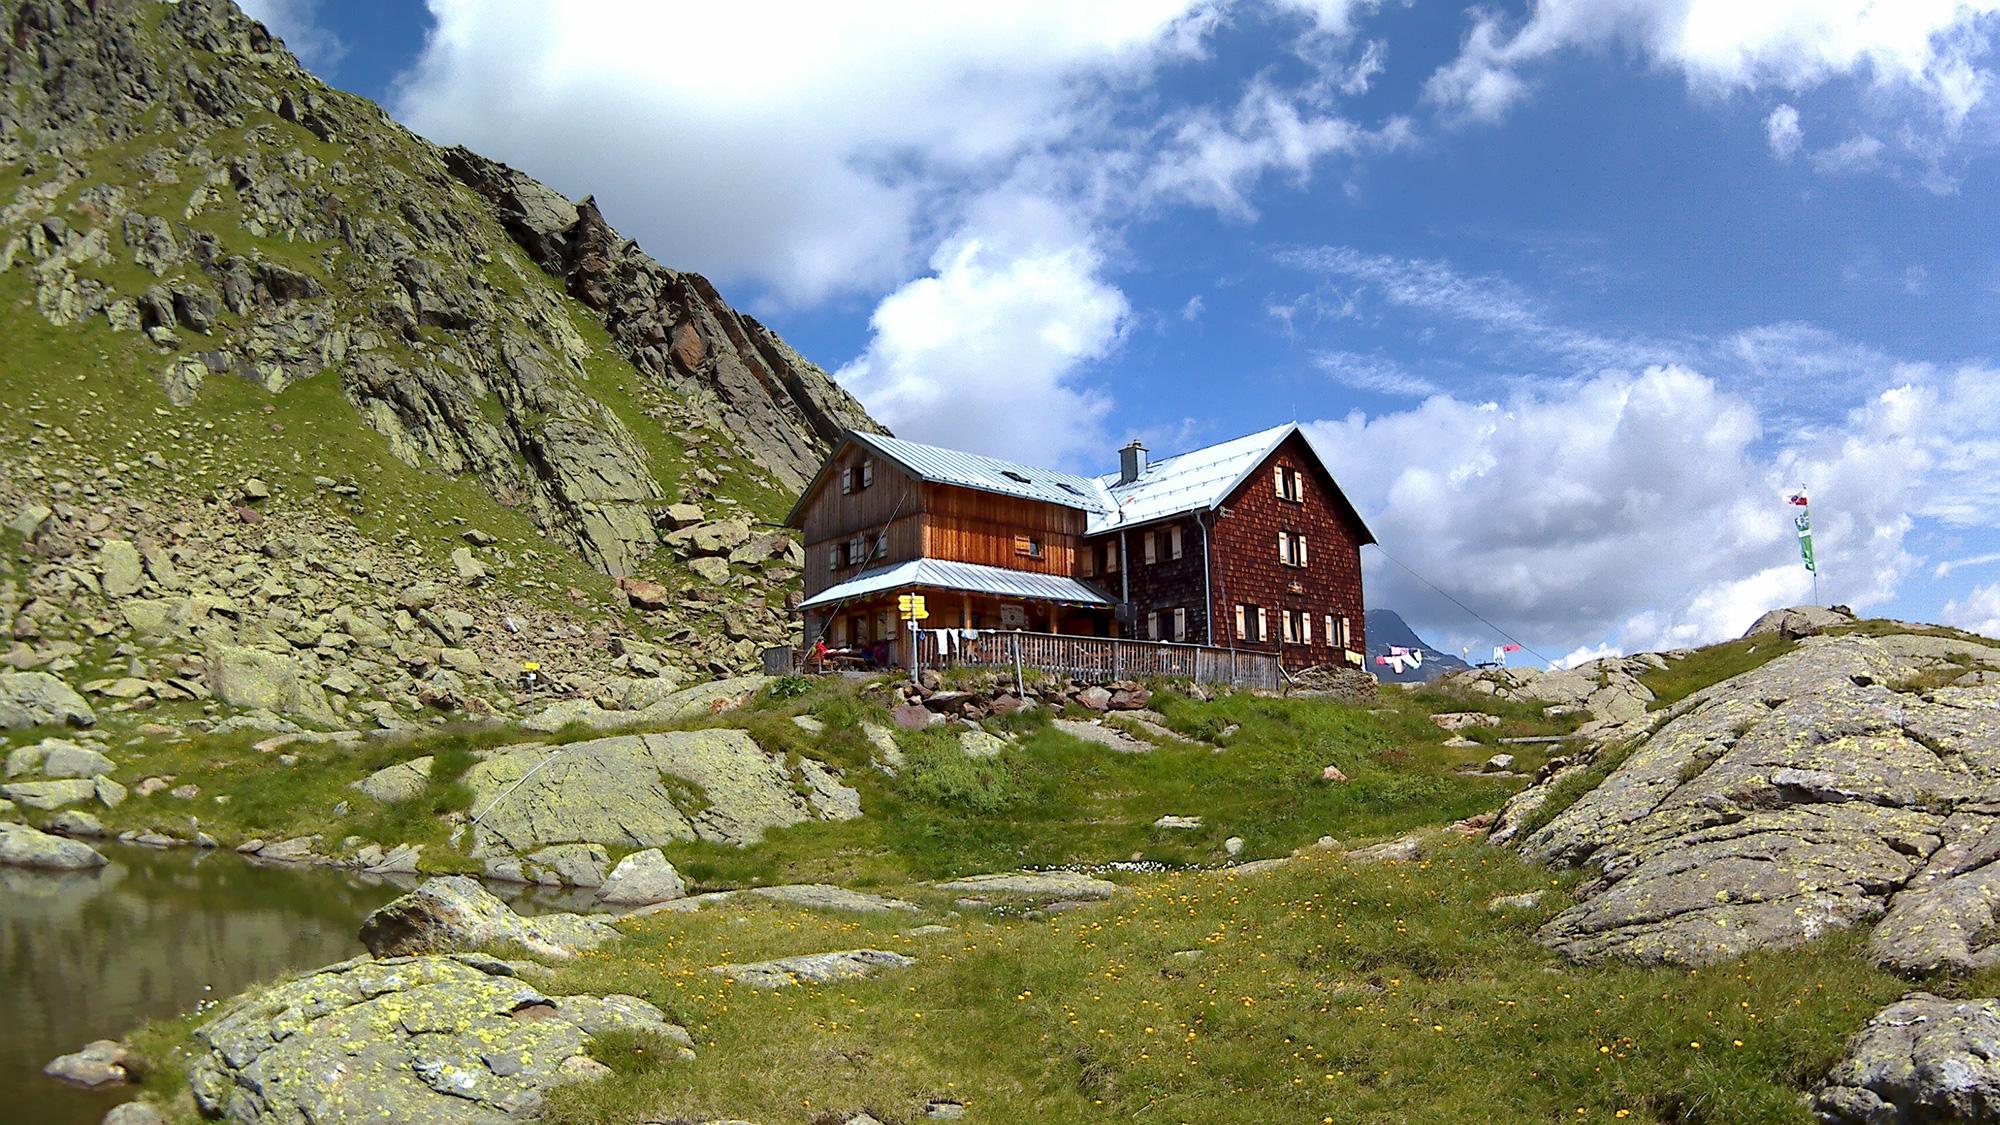 Wanderhütte in österreichischen Alpen mit Infrarotheizungen beheizt